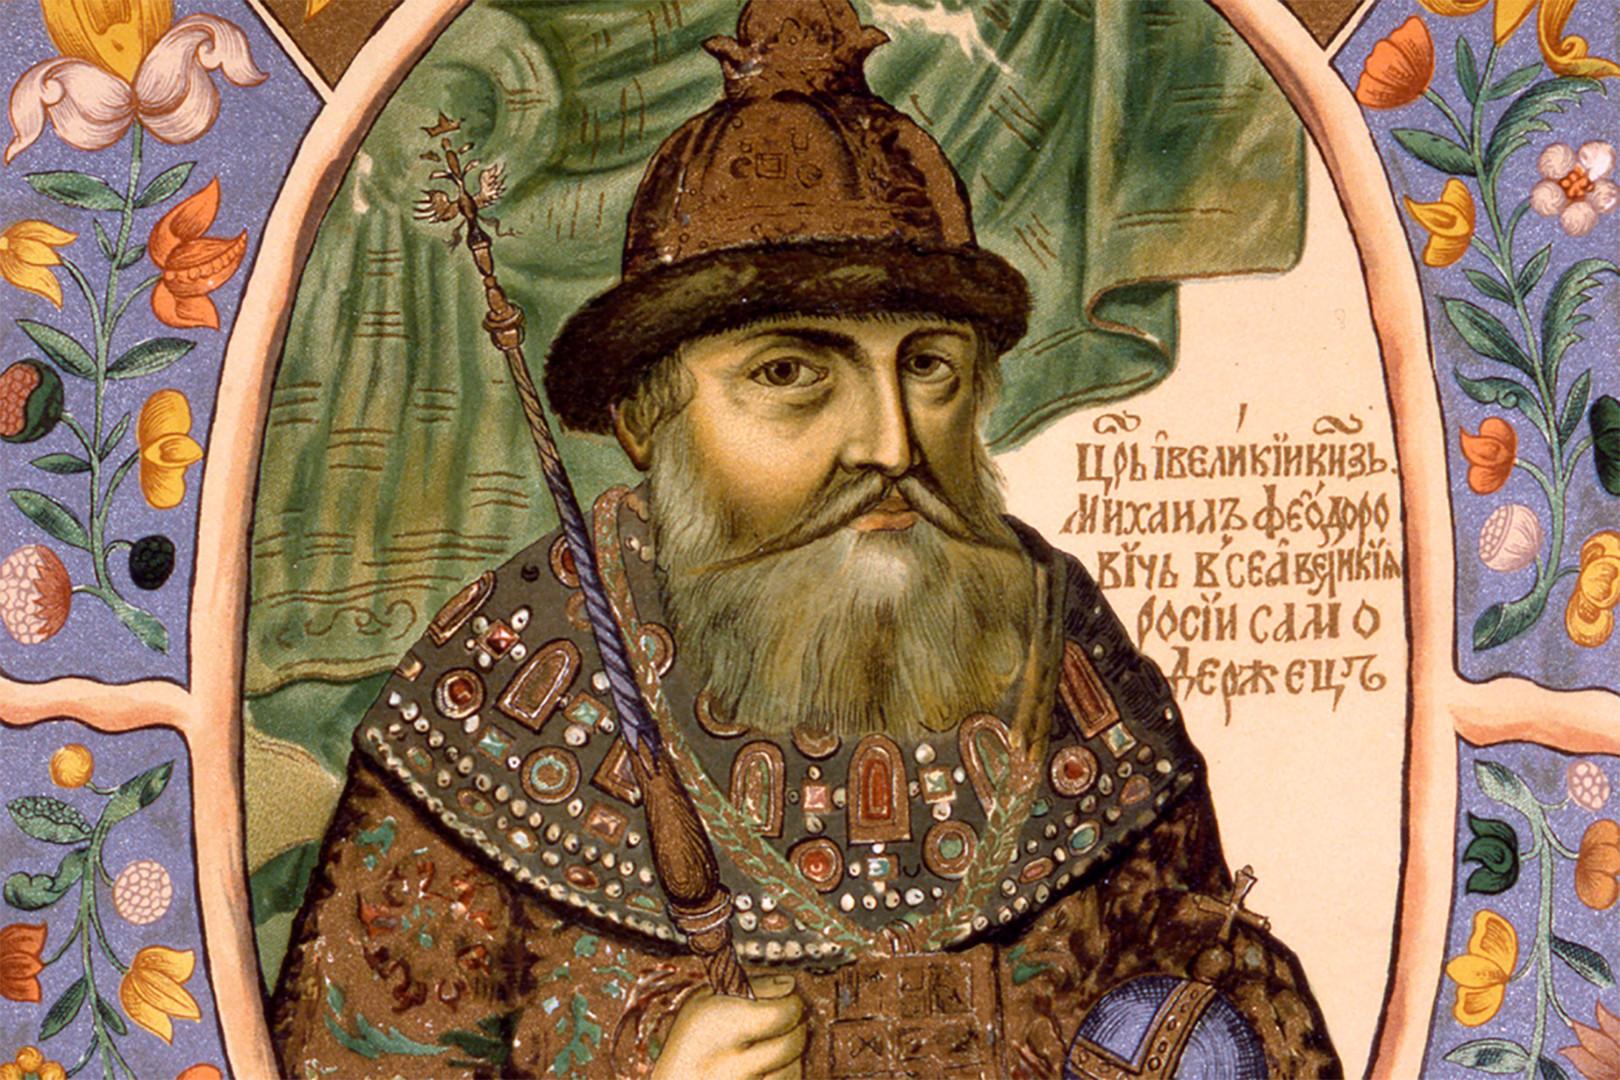 Mihail Romanov.